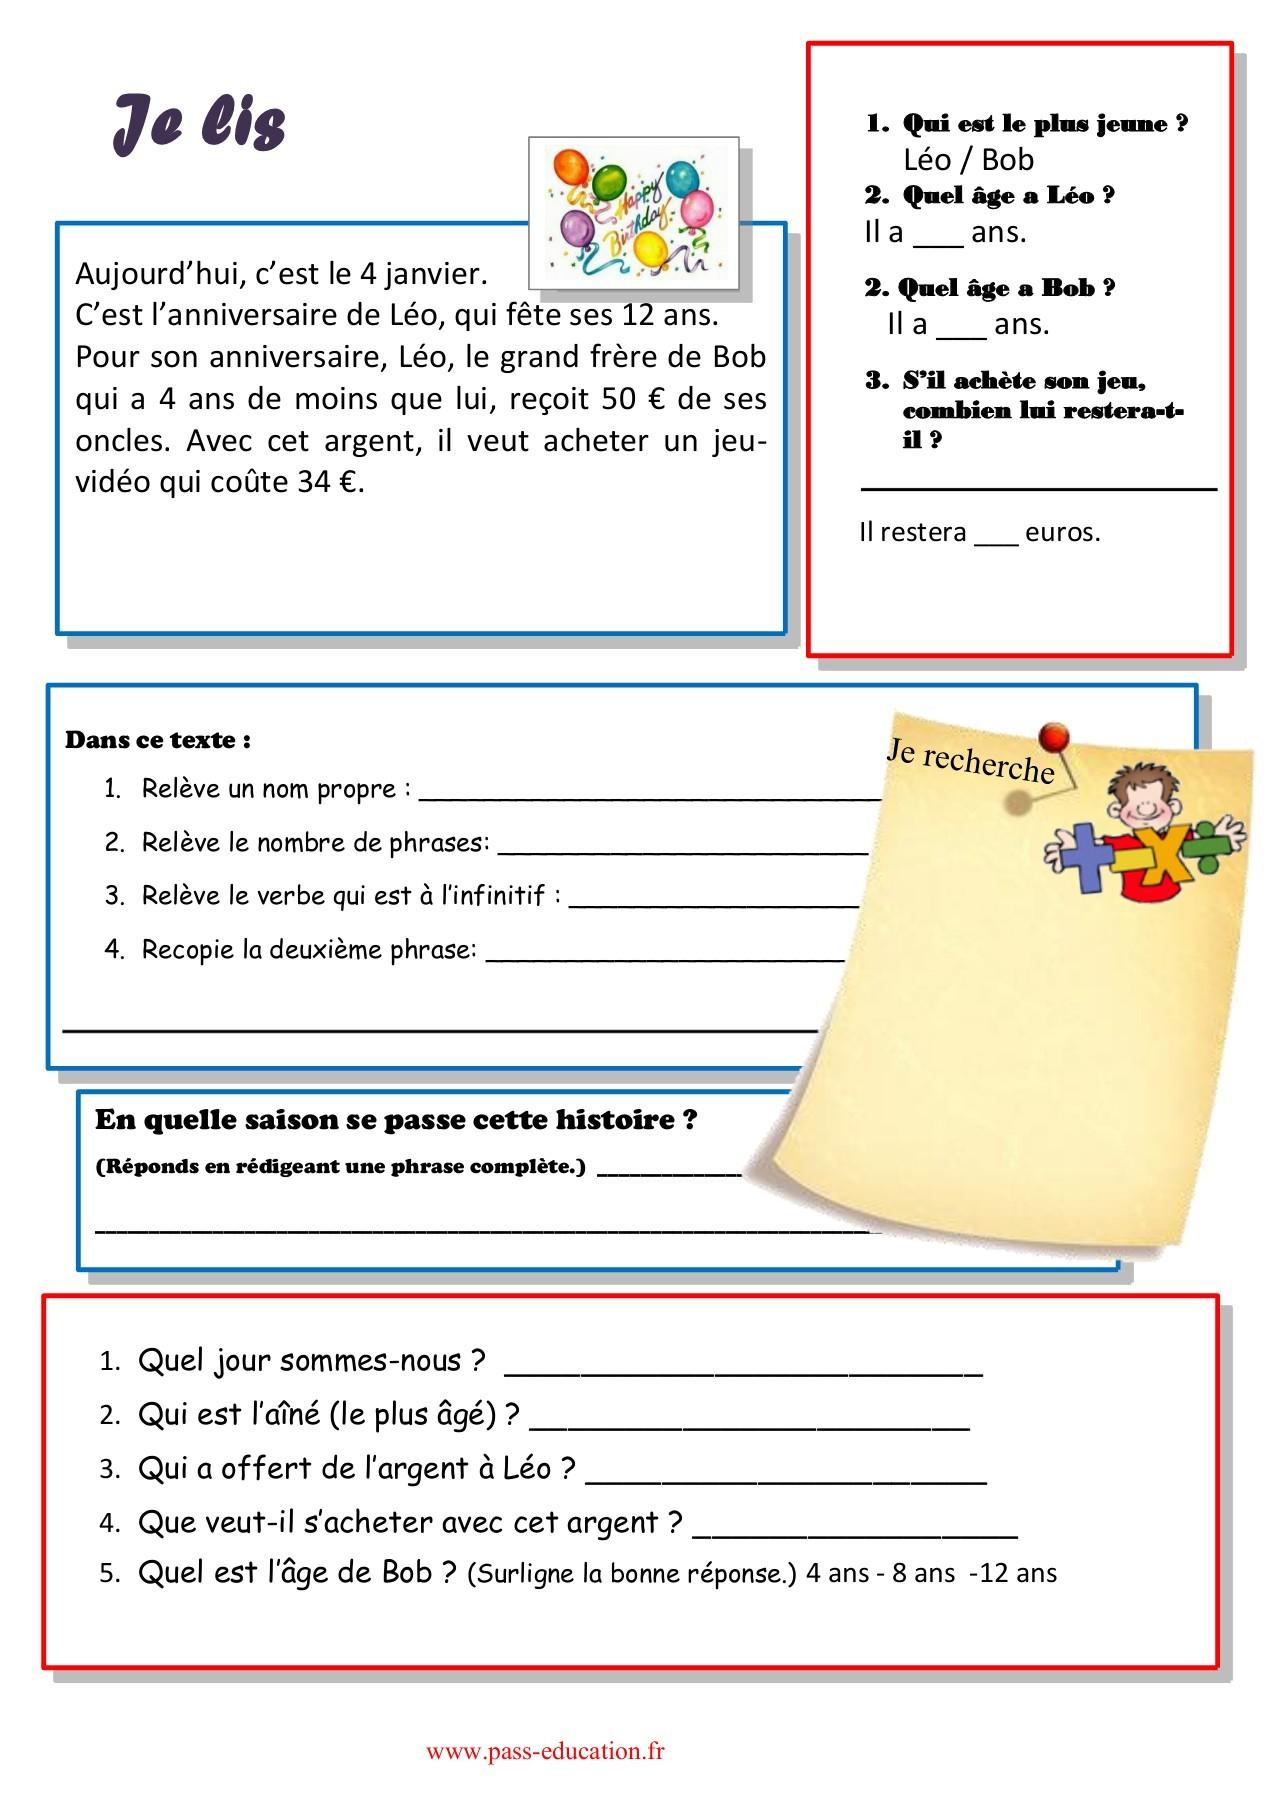 Cahier De Vacances Gratuit À Imprimer - Ce2 Vers Le Cm1 serapportantà Cahier De Vacances À Télécharger Gratuitement